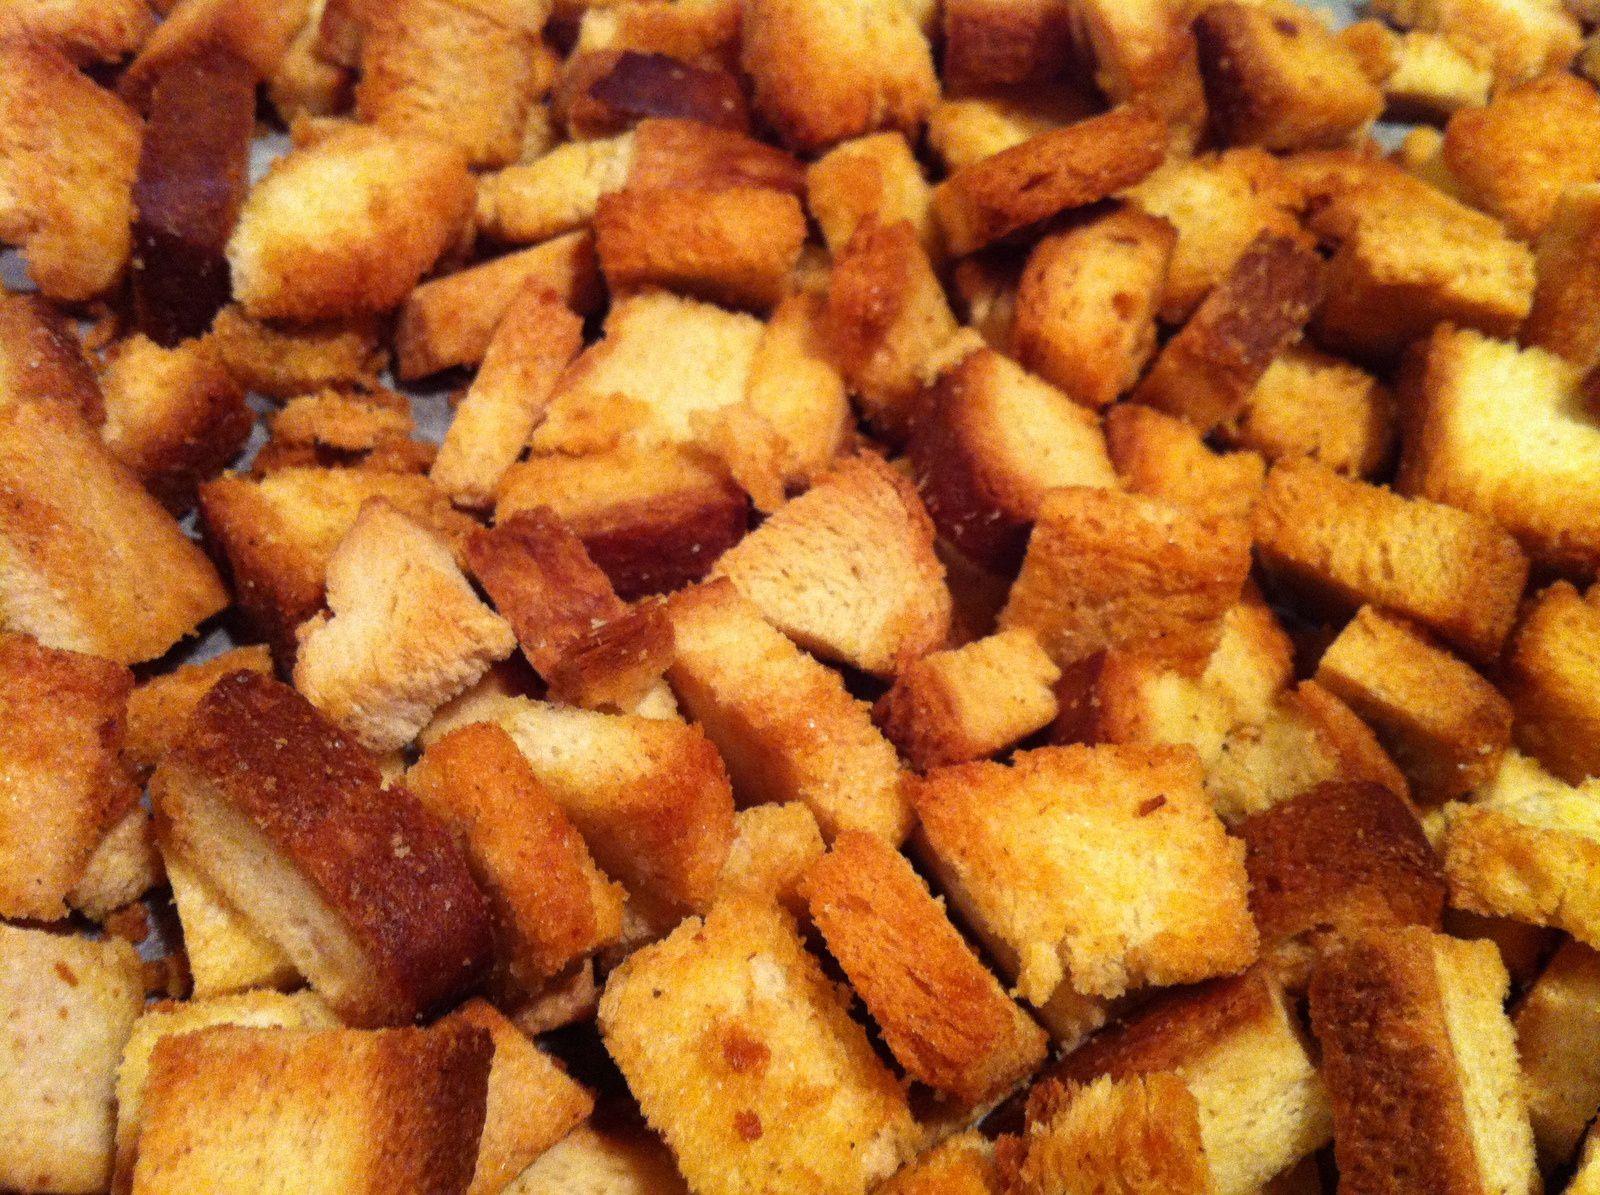 Comment faire des croutons de pain maison ventana blog - Comment faire griller du pain au four ...